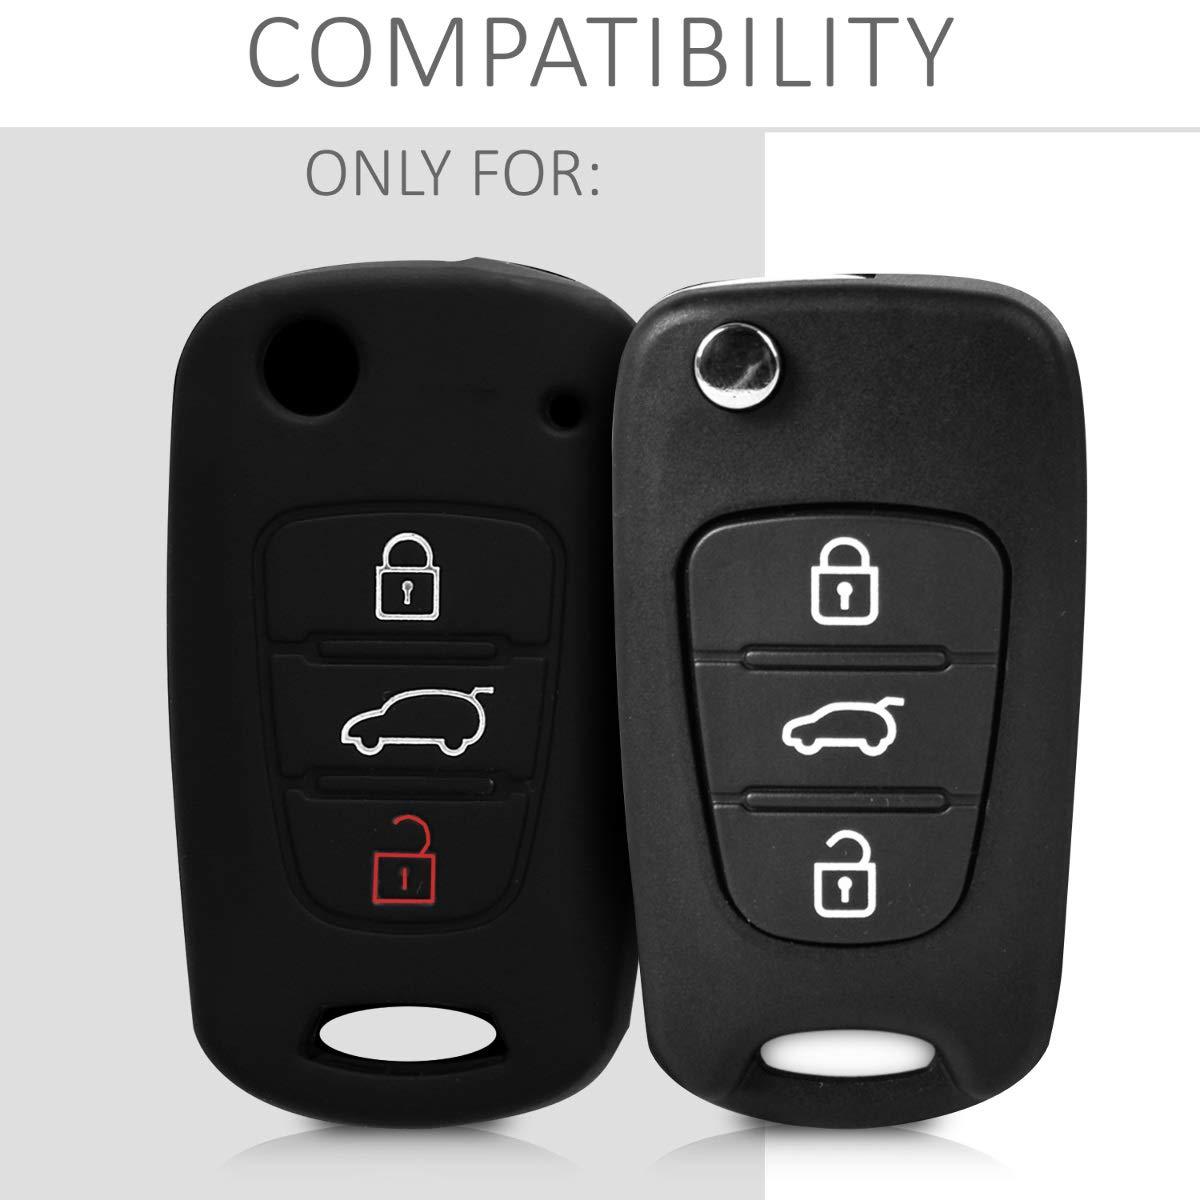 Coque pour Clef de Voiture Pliable Kia 3-Bouton en Silicone Blanc-Noir /Étui de Protection Souple kwmobile Accessoire cl/é de Voiture pour Kia